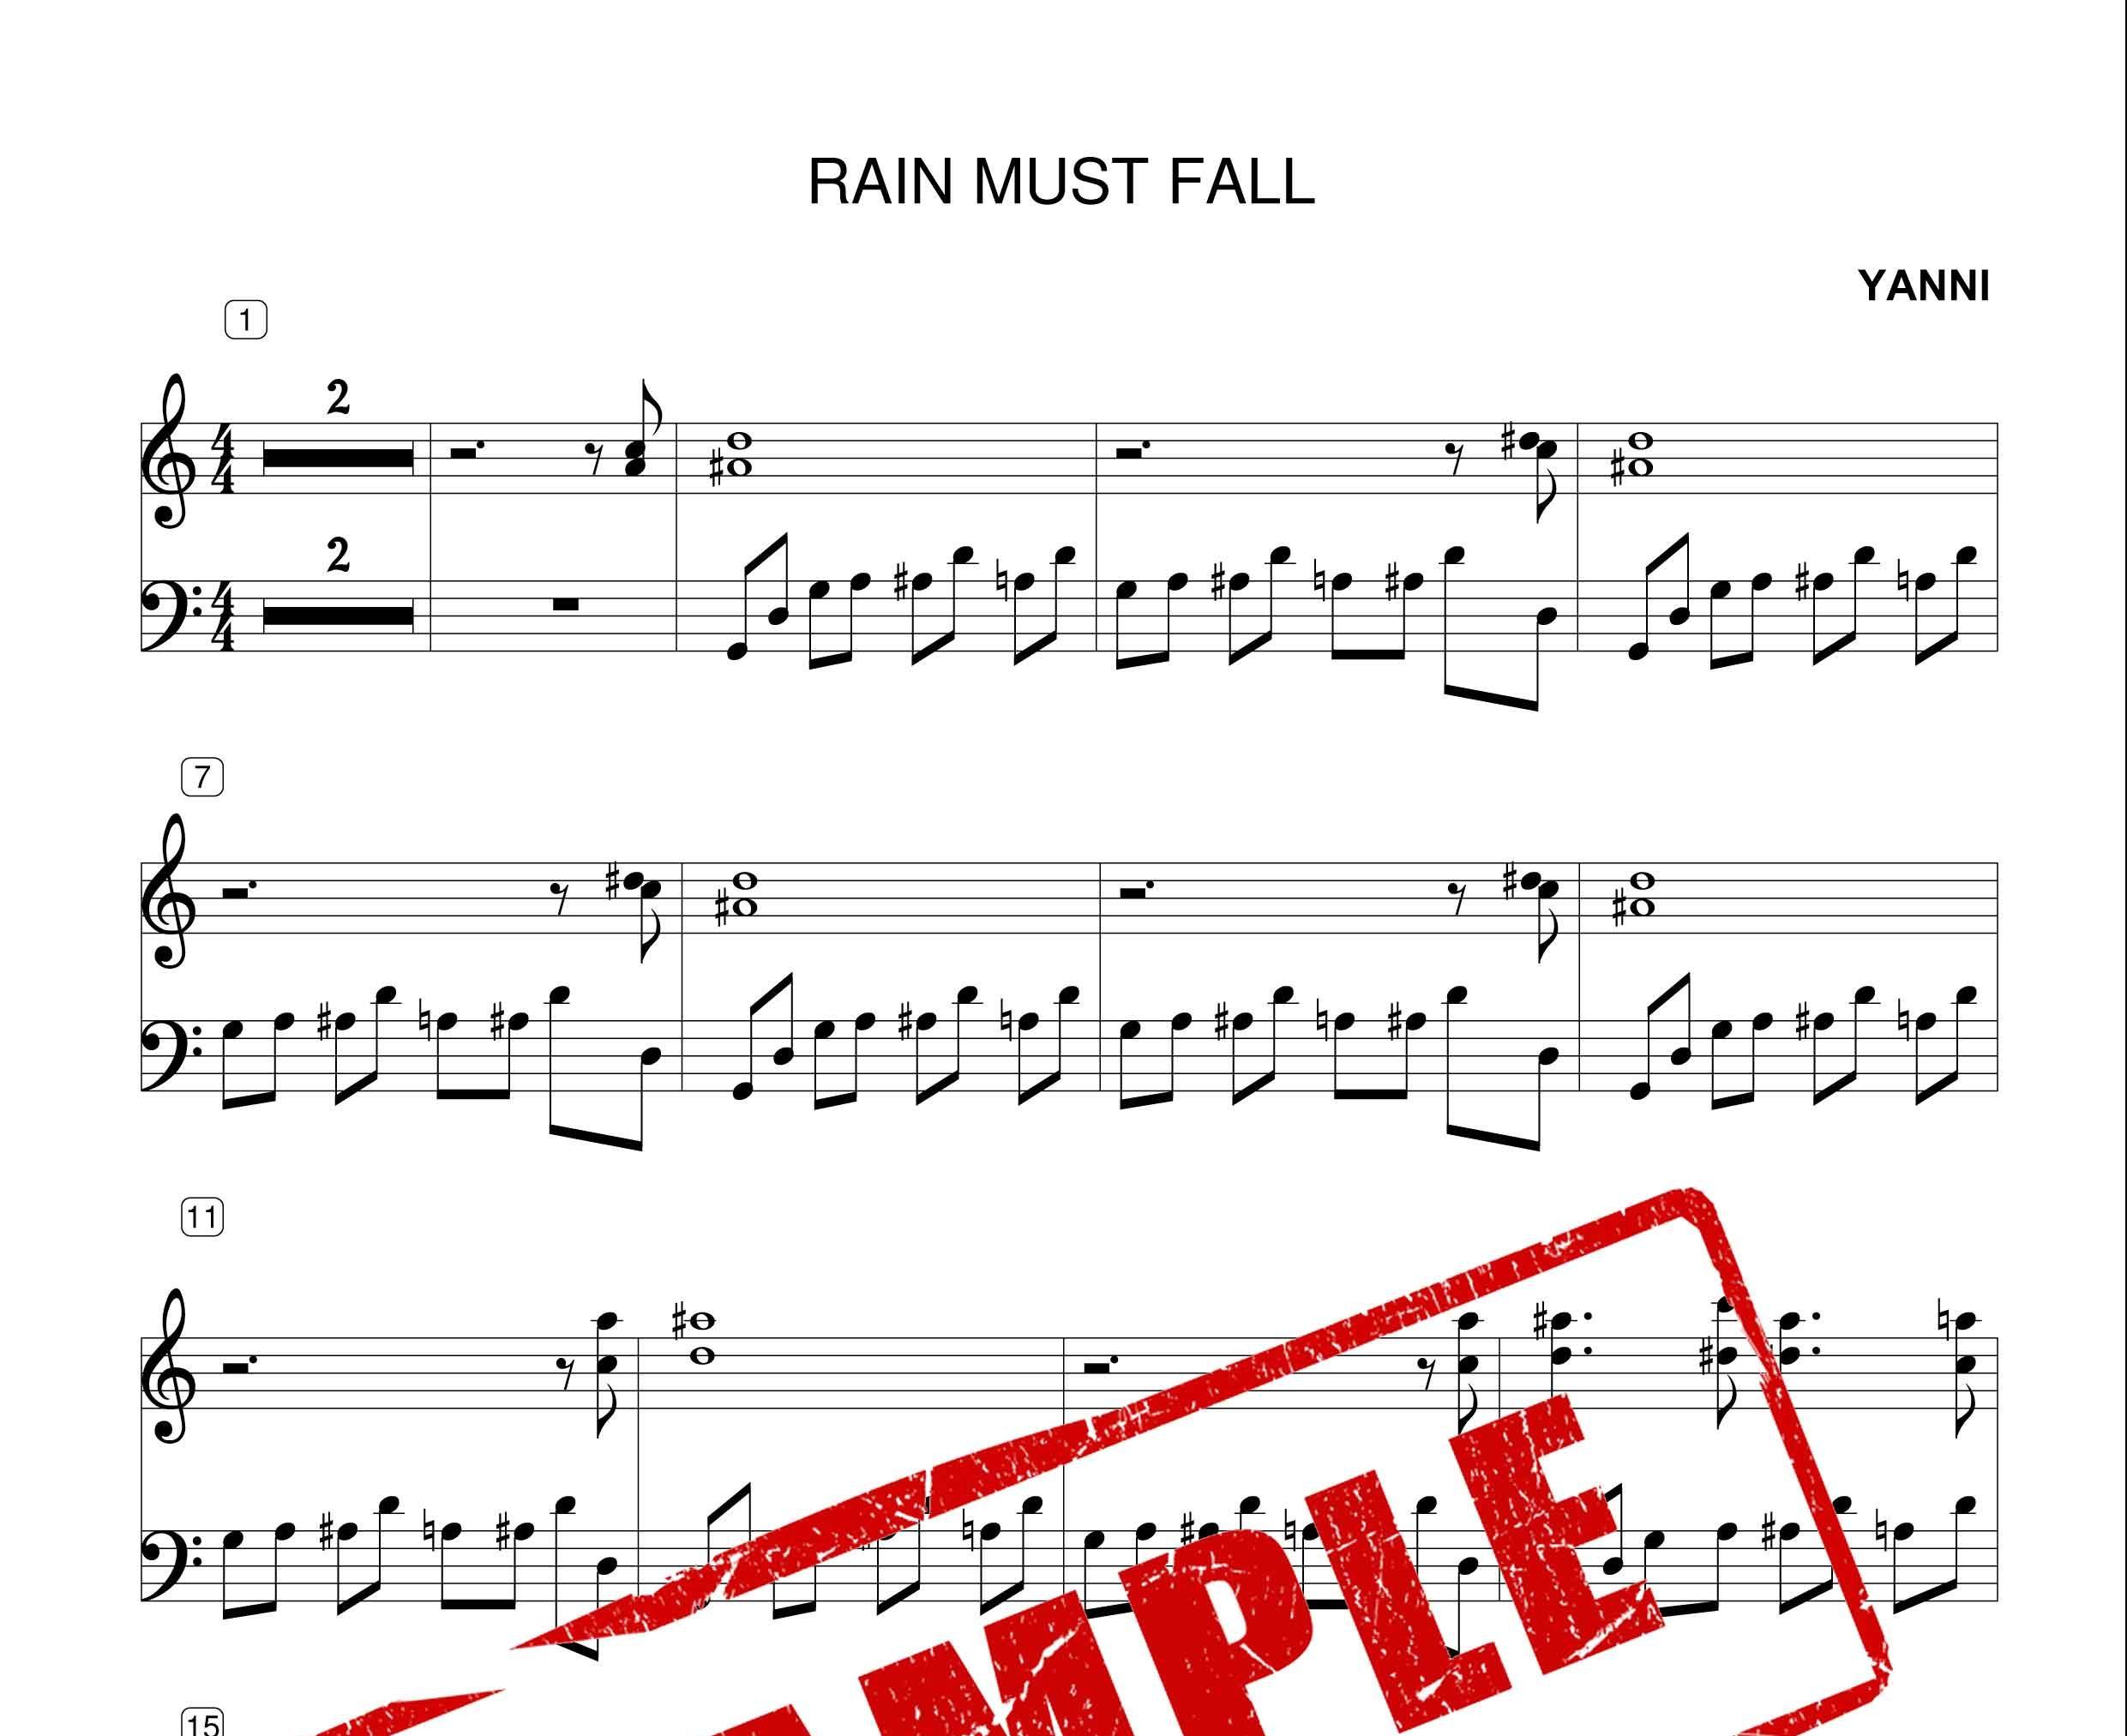 نت پیانوی قطعه RAIN MUST FALL از یانی